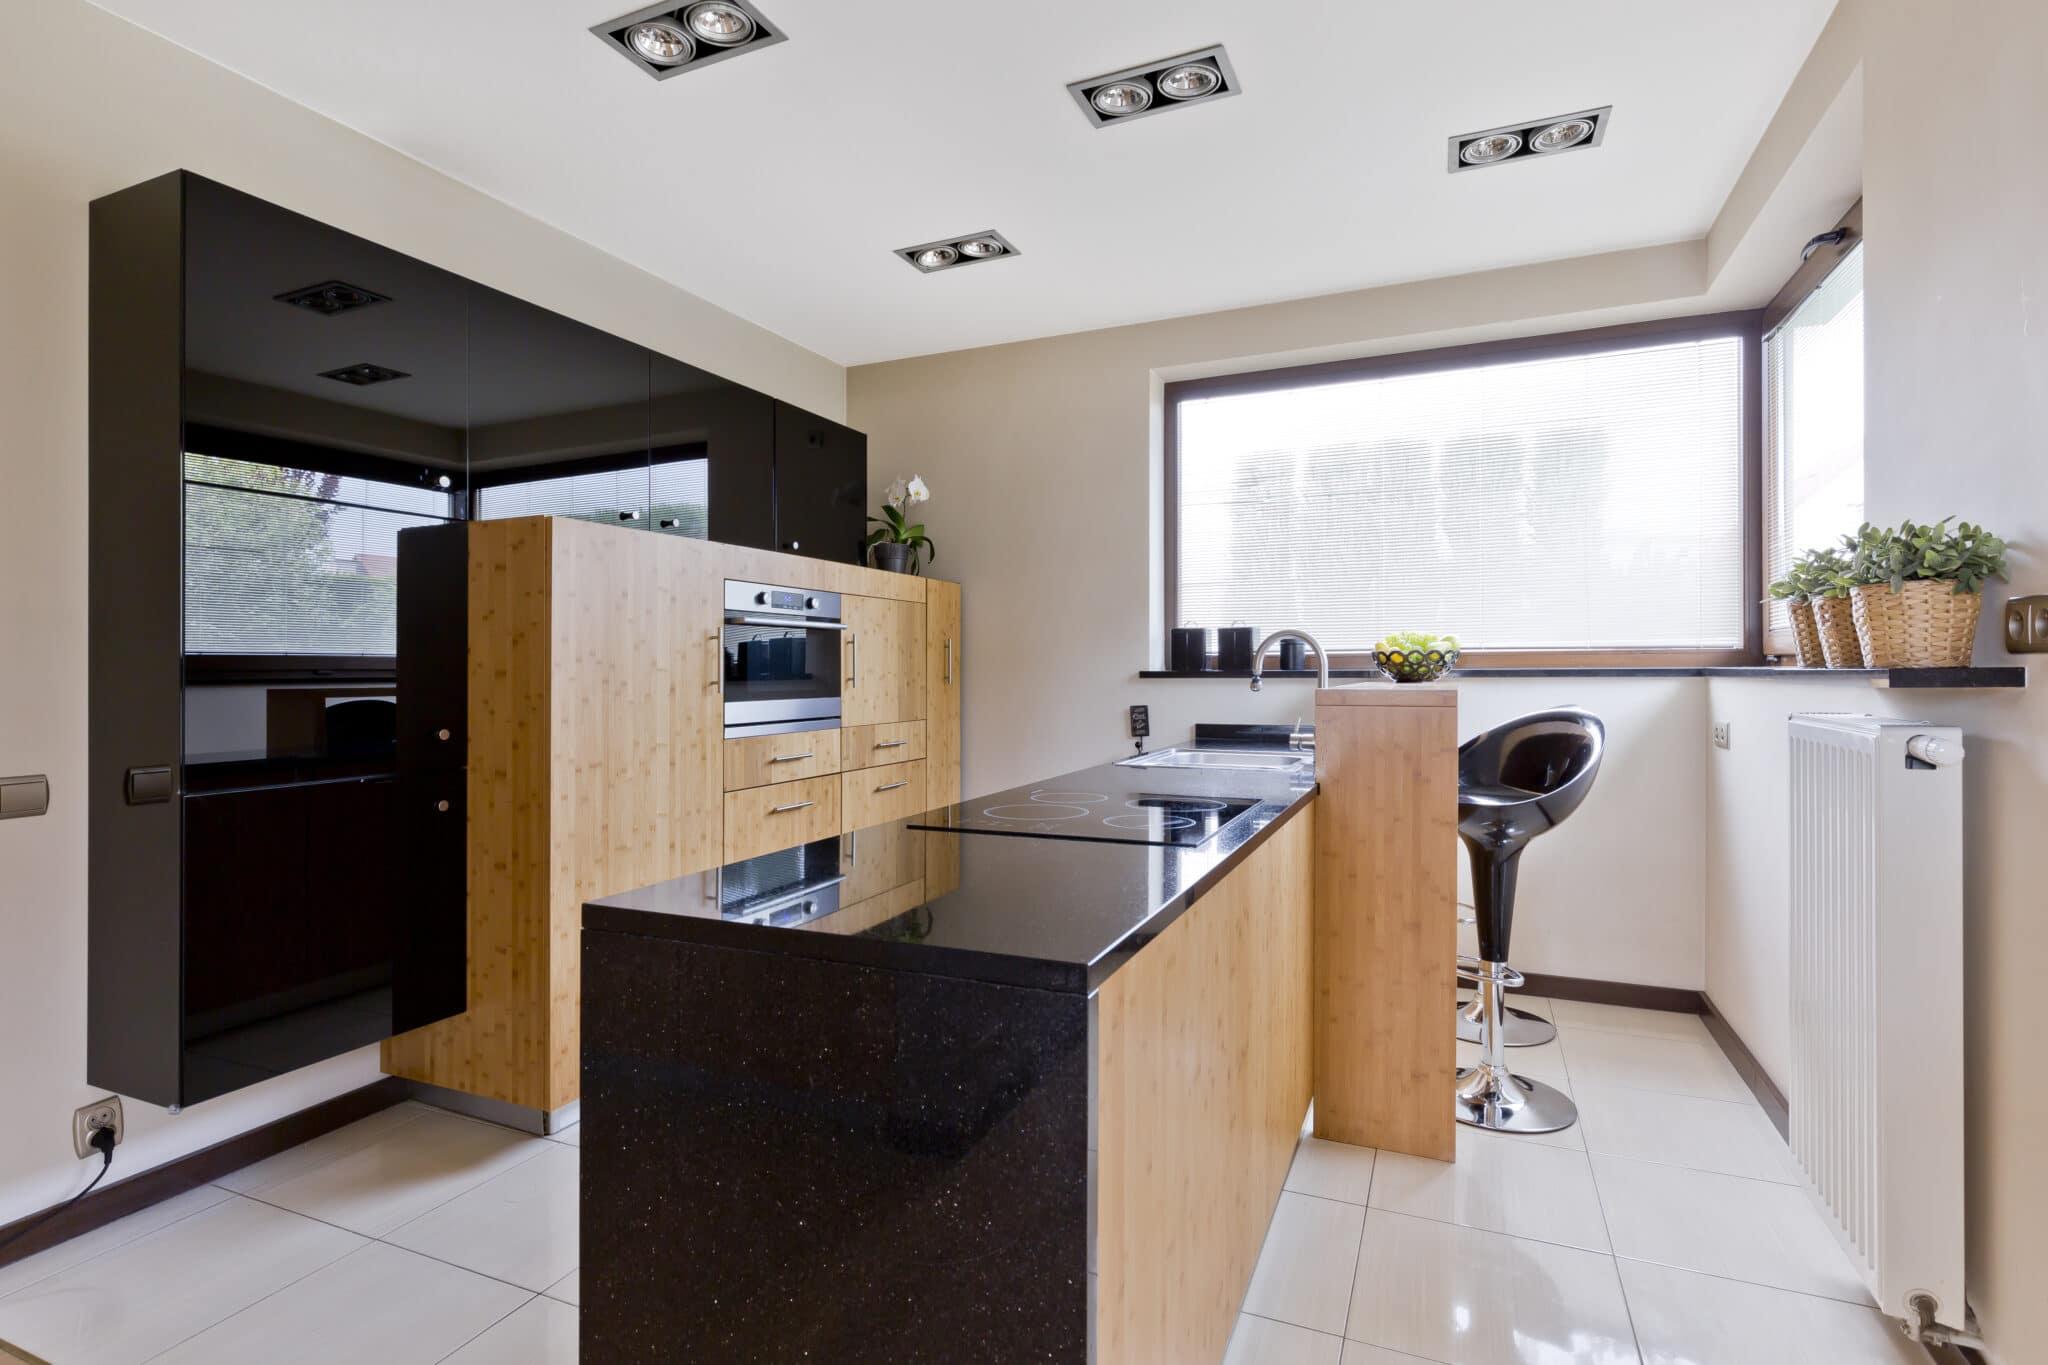 מטבחים מעץ רשת לעיצוב וייצור שיש למטבחים מנוסים עם מלא ידע בתחום שיודעים להתאים מטבחים מתאימים לכל לקוח בד בבד אפיון דרישות הלקוח ומסירת המטבח